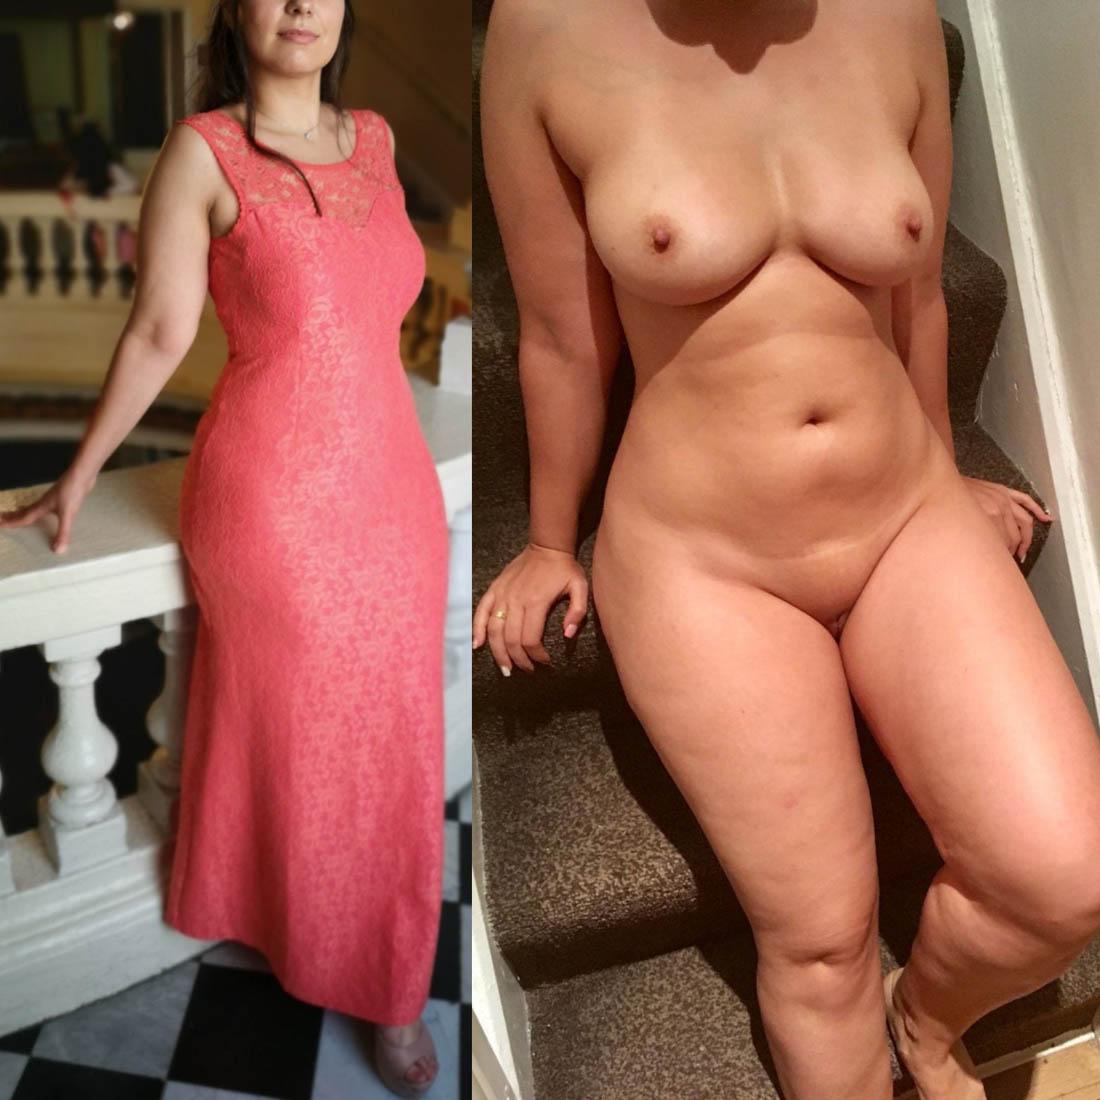 Fotos De Mulheres Com Roupa E Sem Roupa (3)